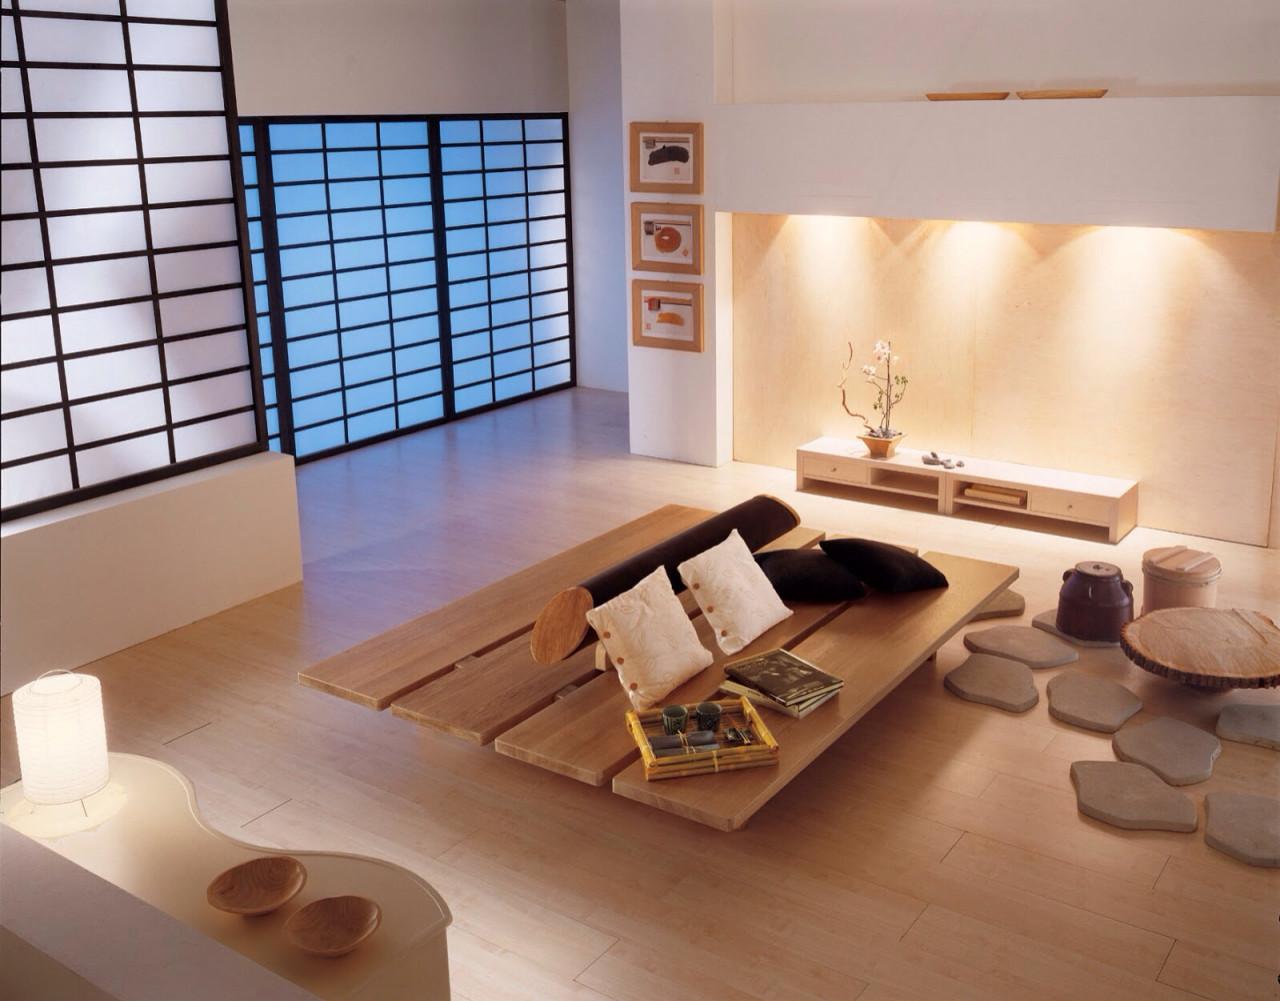 แนะนำวิธีแต่งห้องสไตล์ญี่ปุ่น แบบเซน